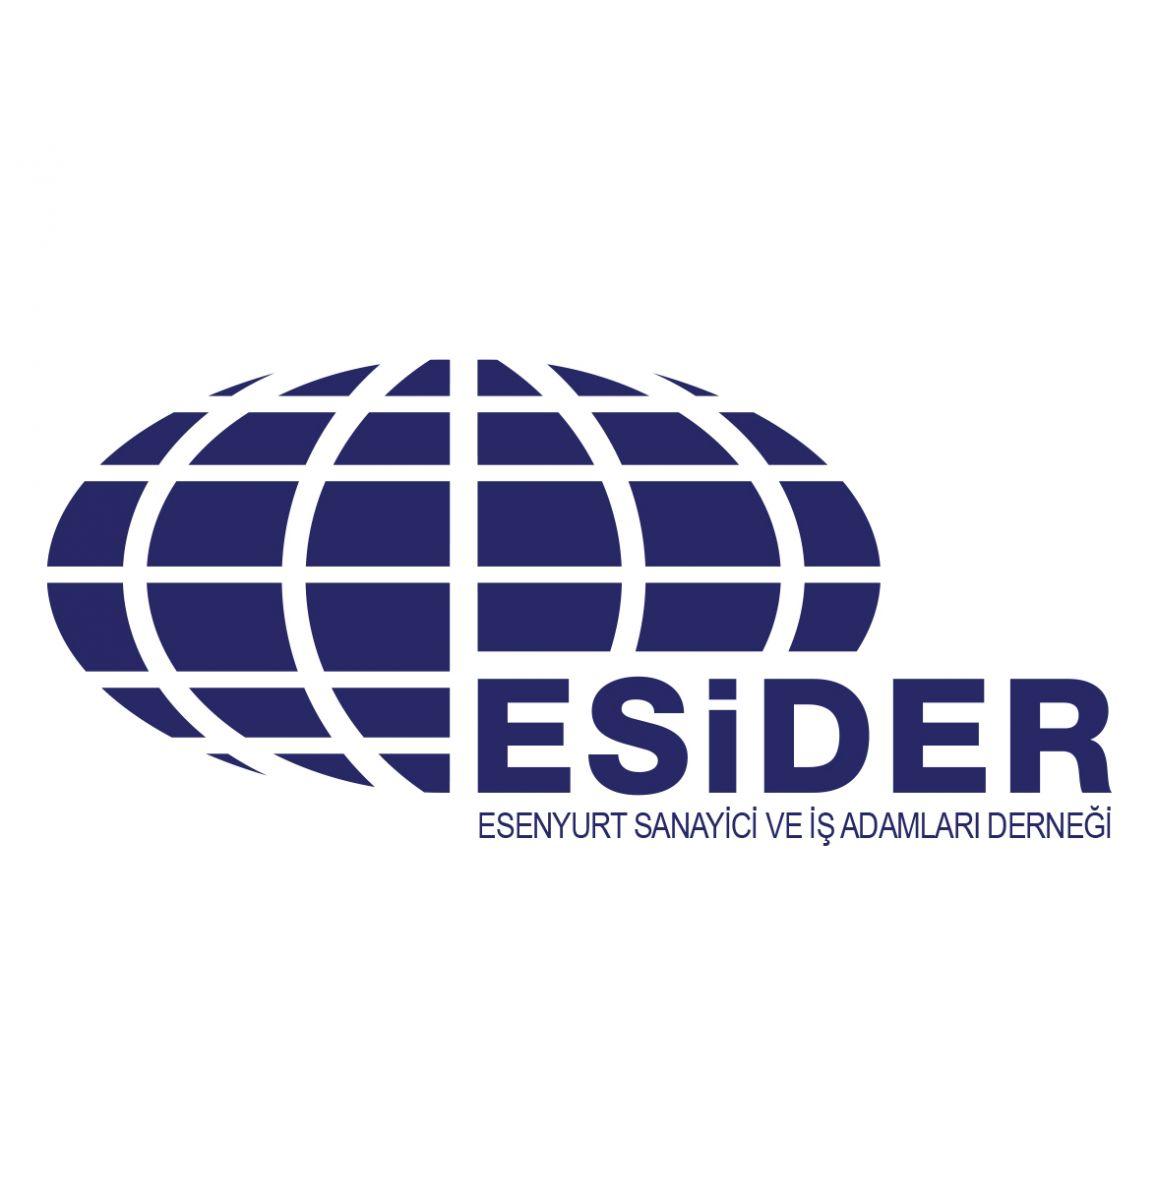 Esenyurt Sanayici ve İş Adamları Derneği (ESİDER)